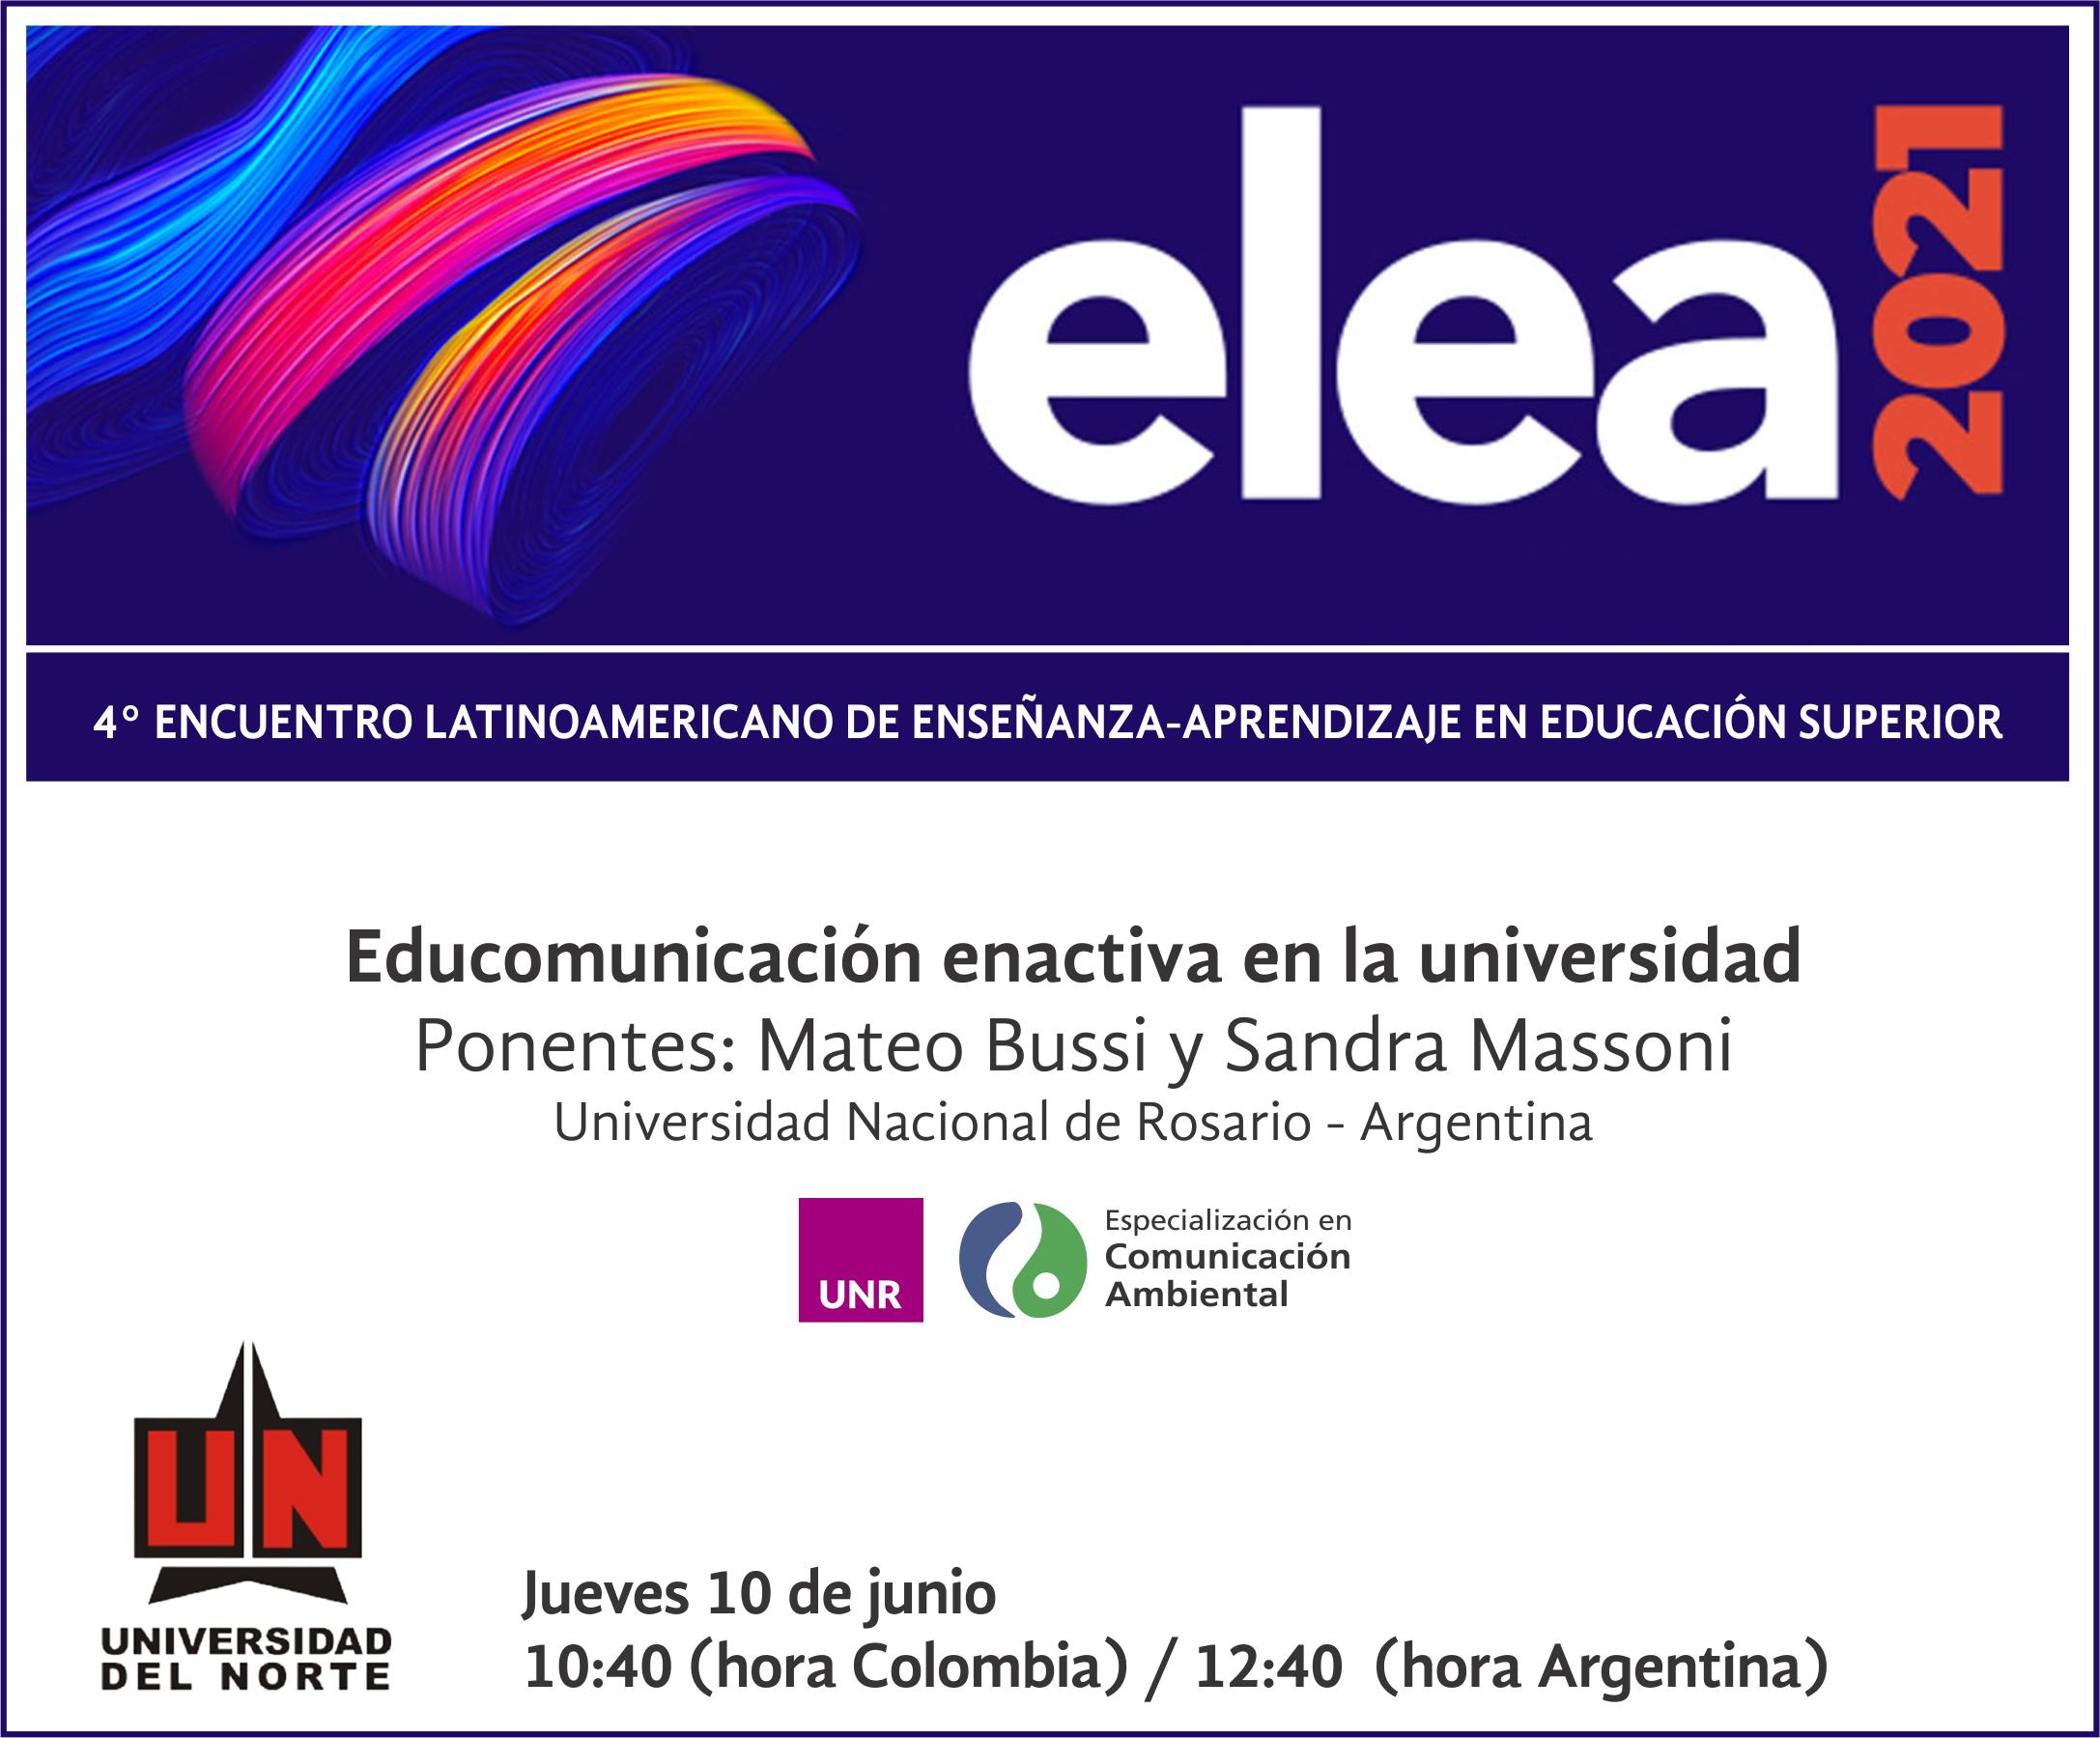 Encuentro Latinoamericano de enseñanza-aprendizaje en educación superior